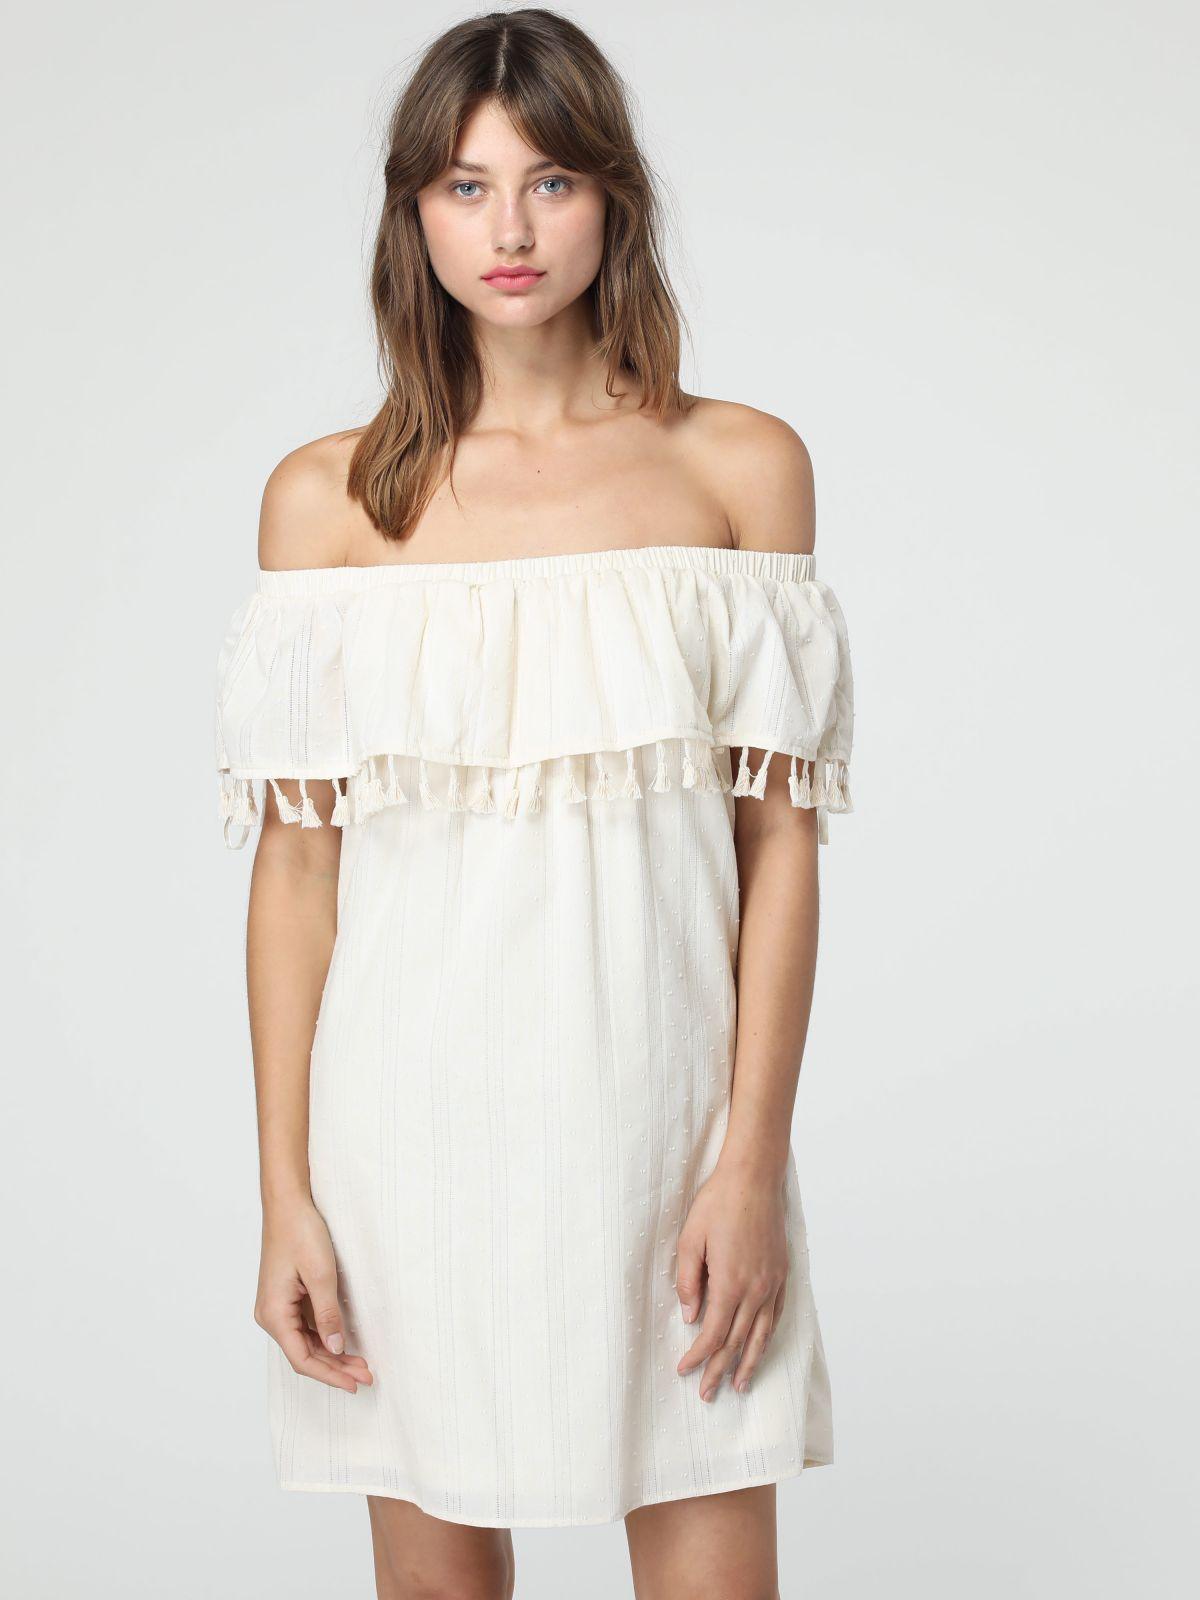 שמלת אוף שולדרס מלמלה בעיטור גדיליםשמלת אוף שולדרס מלמלה בעיטור גדילים של TERMINAL X